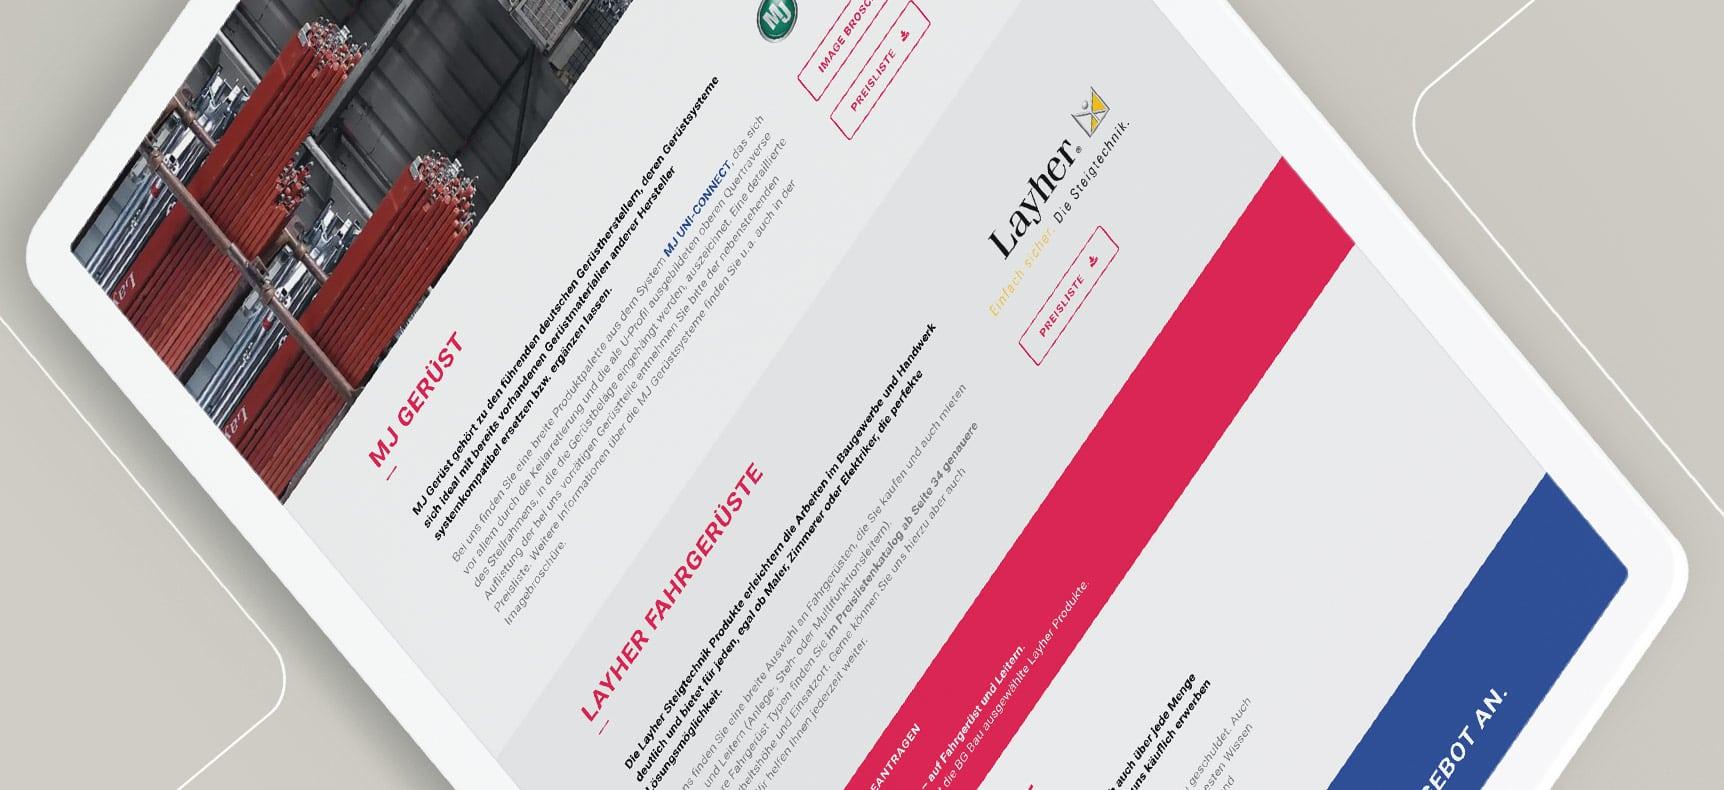 Helmut Kirsch GmbH - Landingpage erstellt von Statuszwo.com